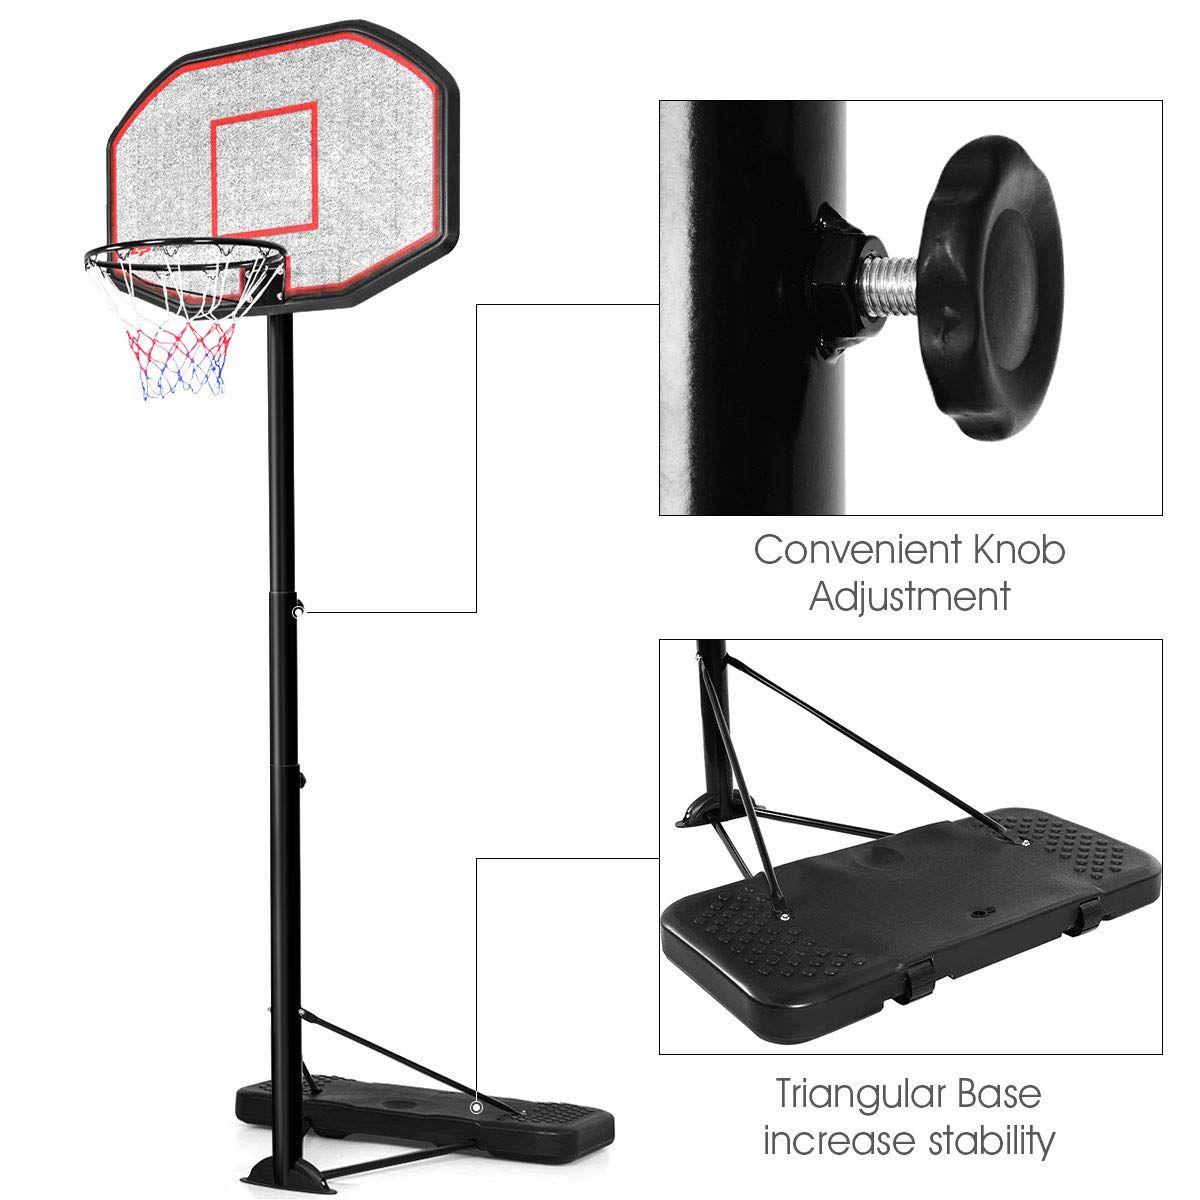 60 Off Et8c8wln 6 5 10 Ft Height Adjustable Basketball Hoop 43 Portable Basketball Syst Basketball Hoop Adjustable Basketball Hoop Portable Basketball Hoop